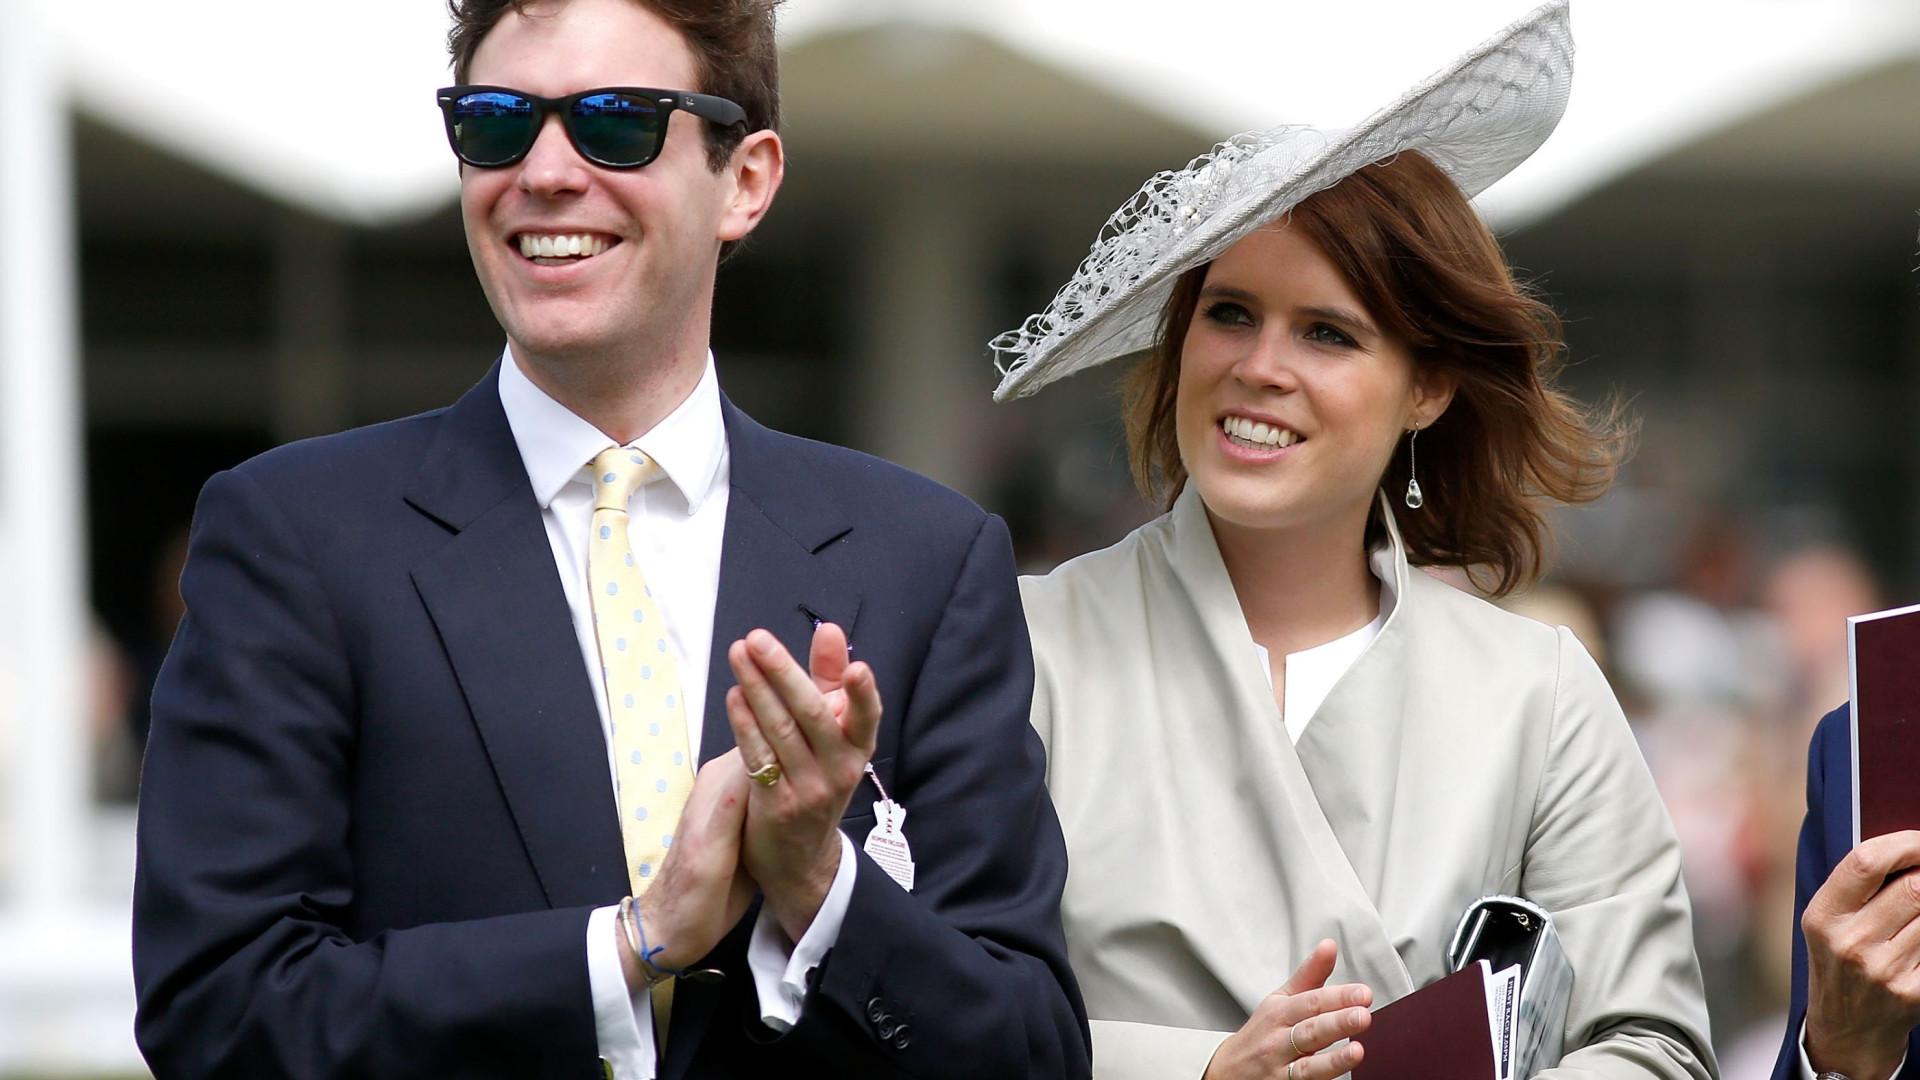 Custos do casamento da princesa Eugenie deixam ingleses revoltados